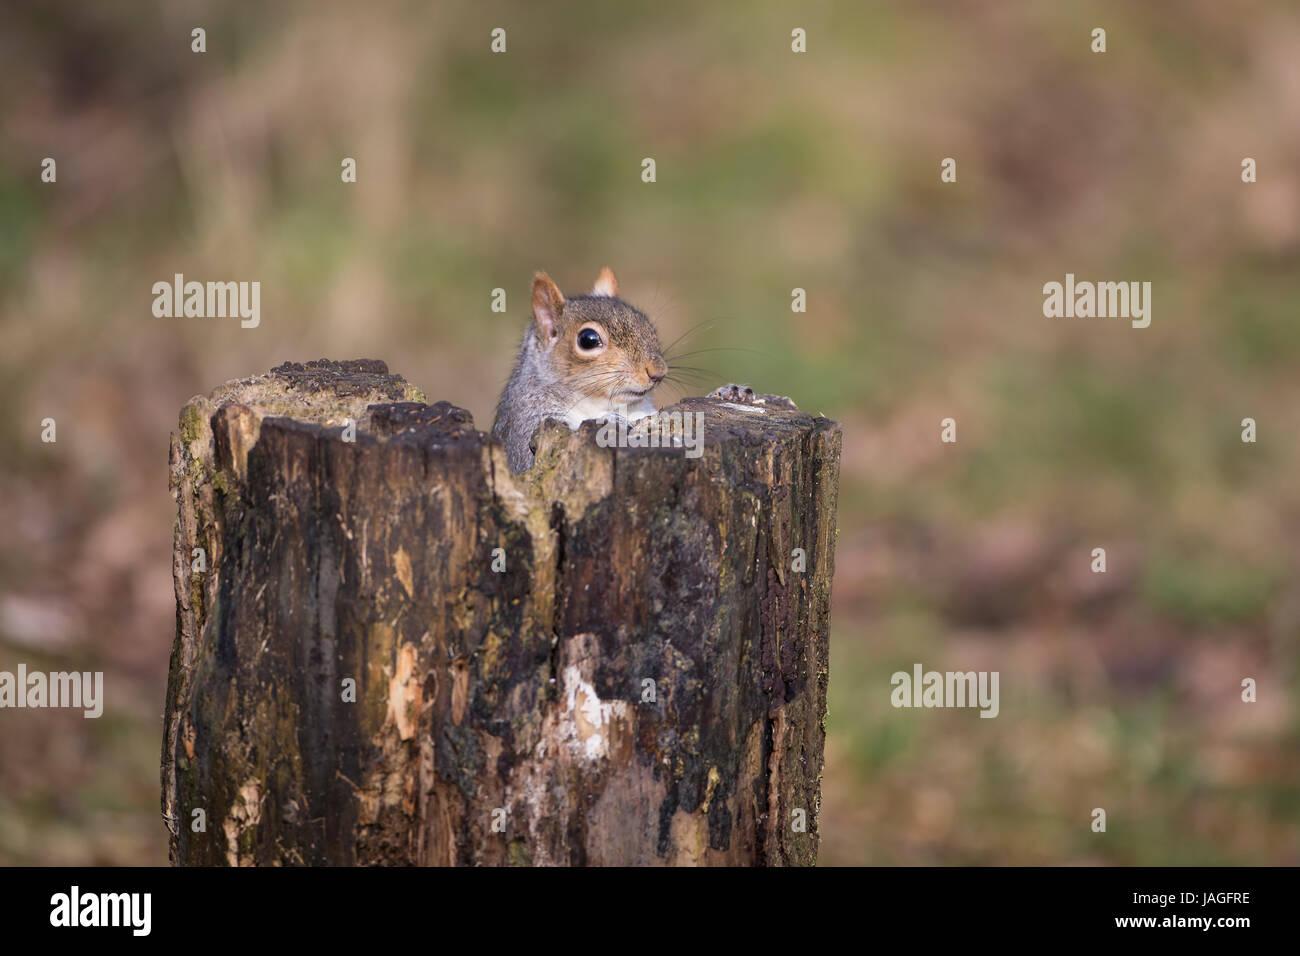 L'écureuil gris Sciurus carolinensis se reflète par derrière une souche d'arbre Photo Stock